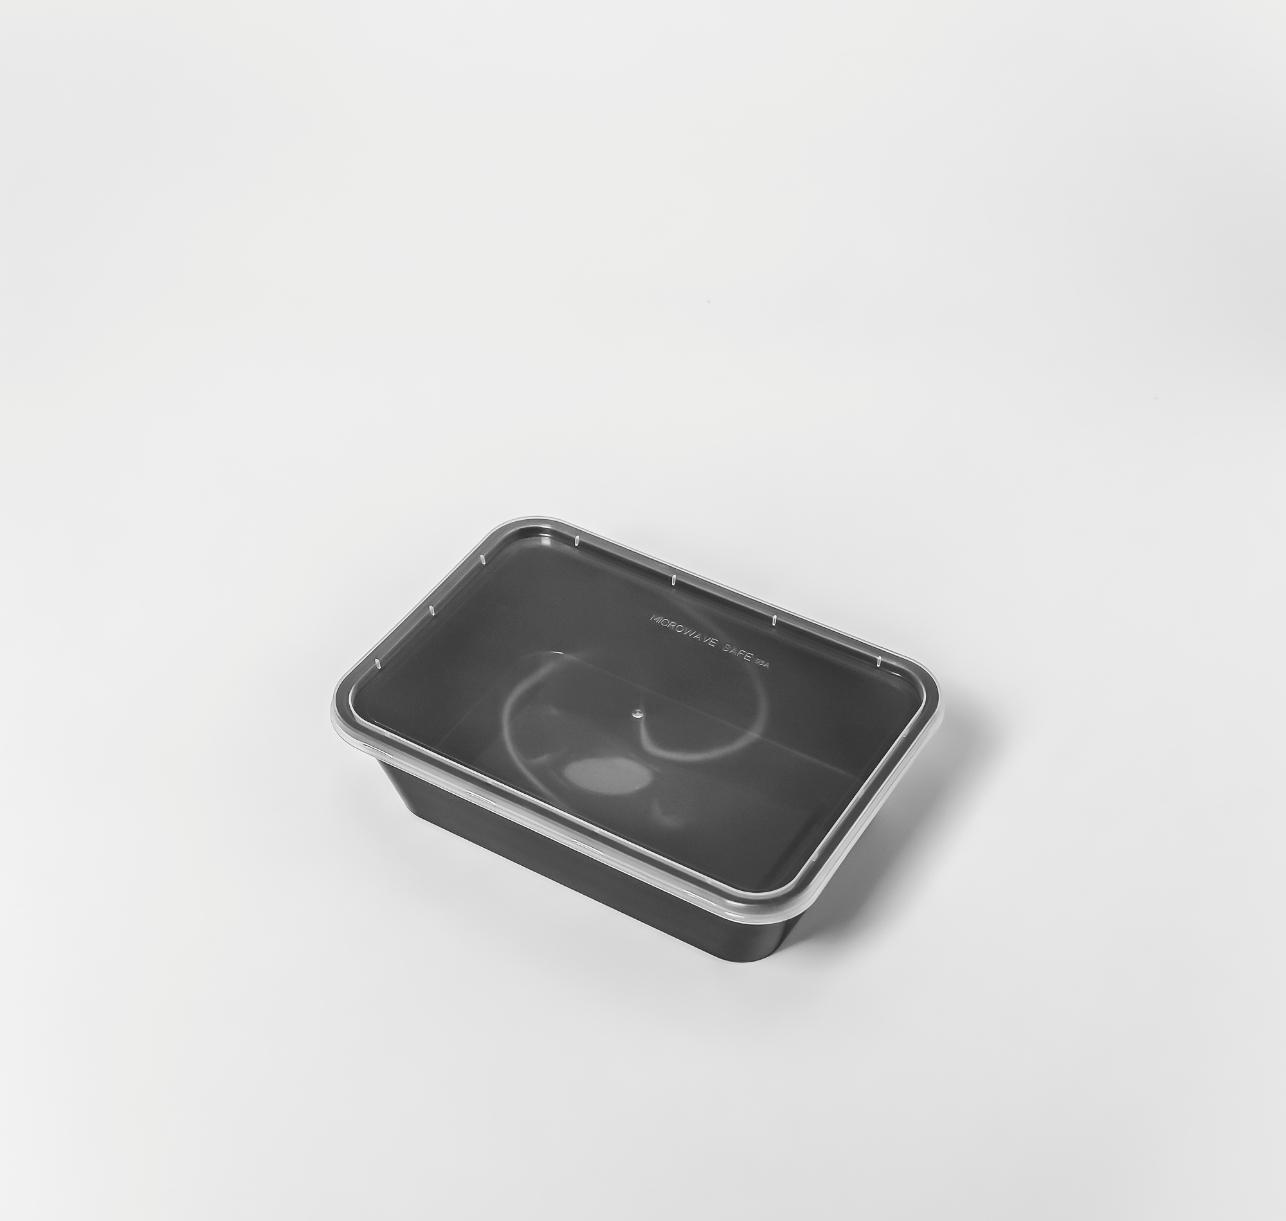 กล่องอาหารพลาสติก 1 ช่อง premium 650ml